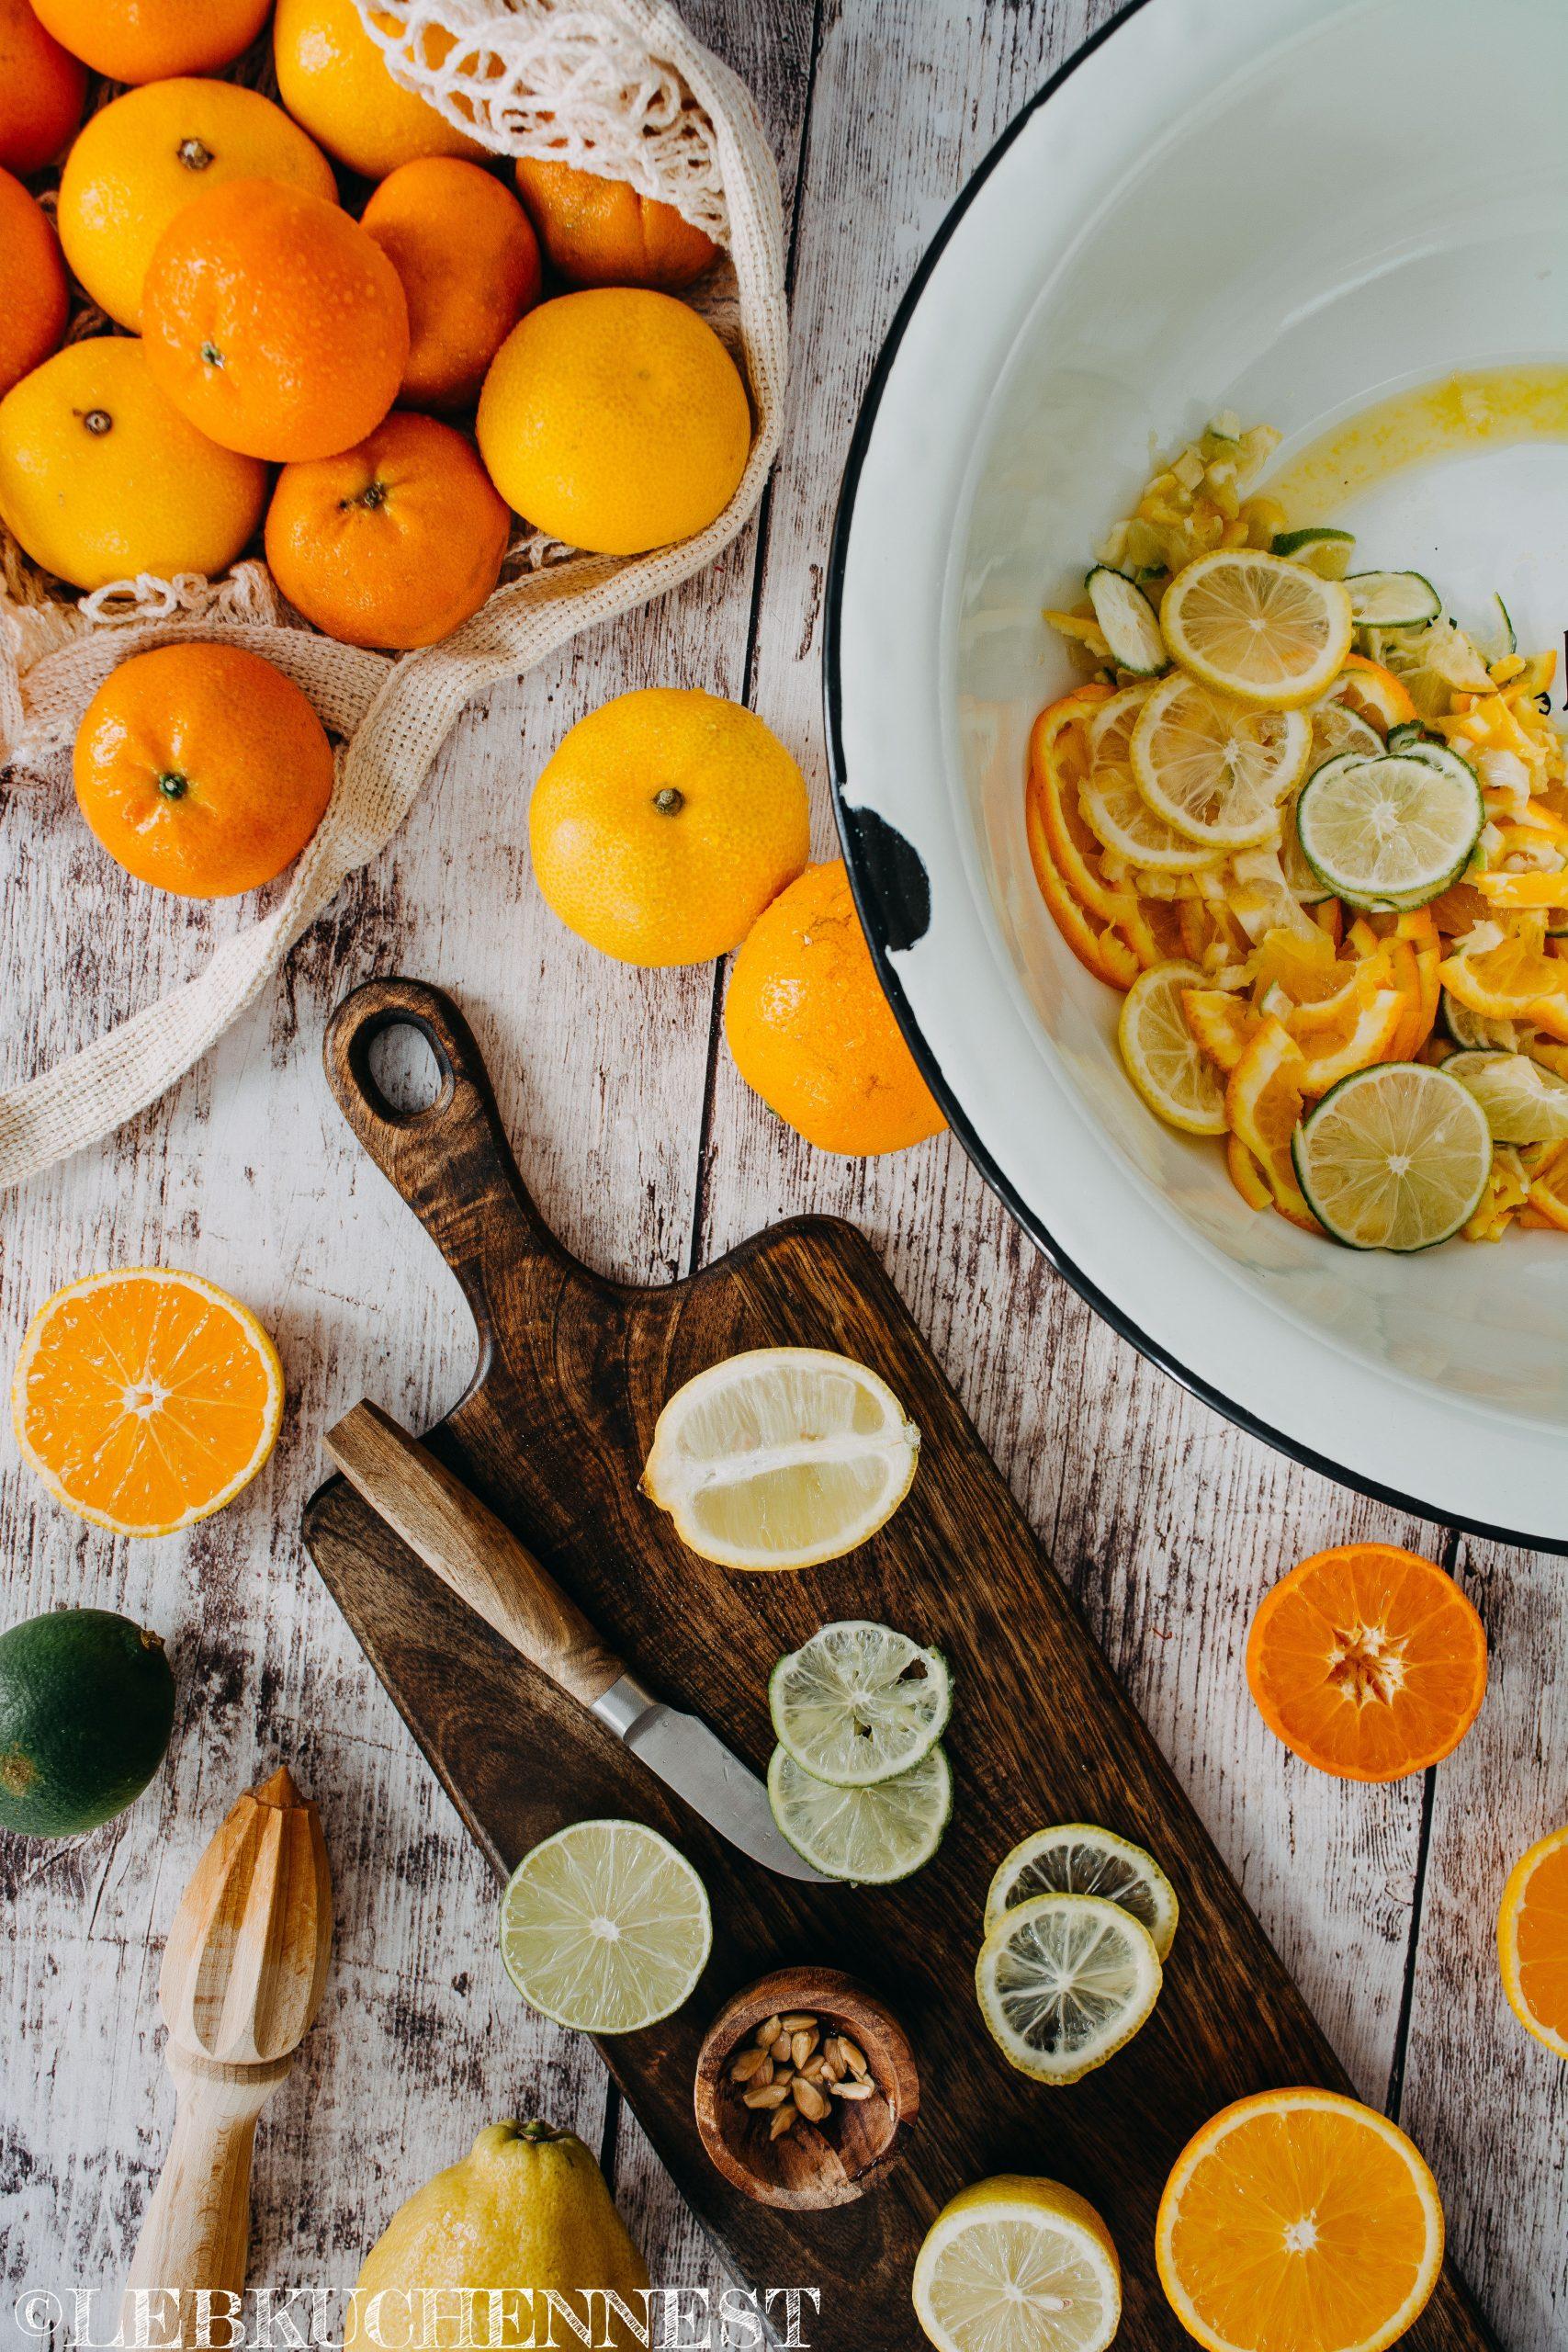 Zubereitung - Zitrusfrüchte fein schneiden